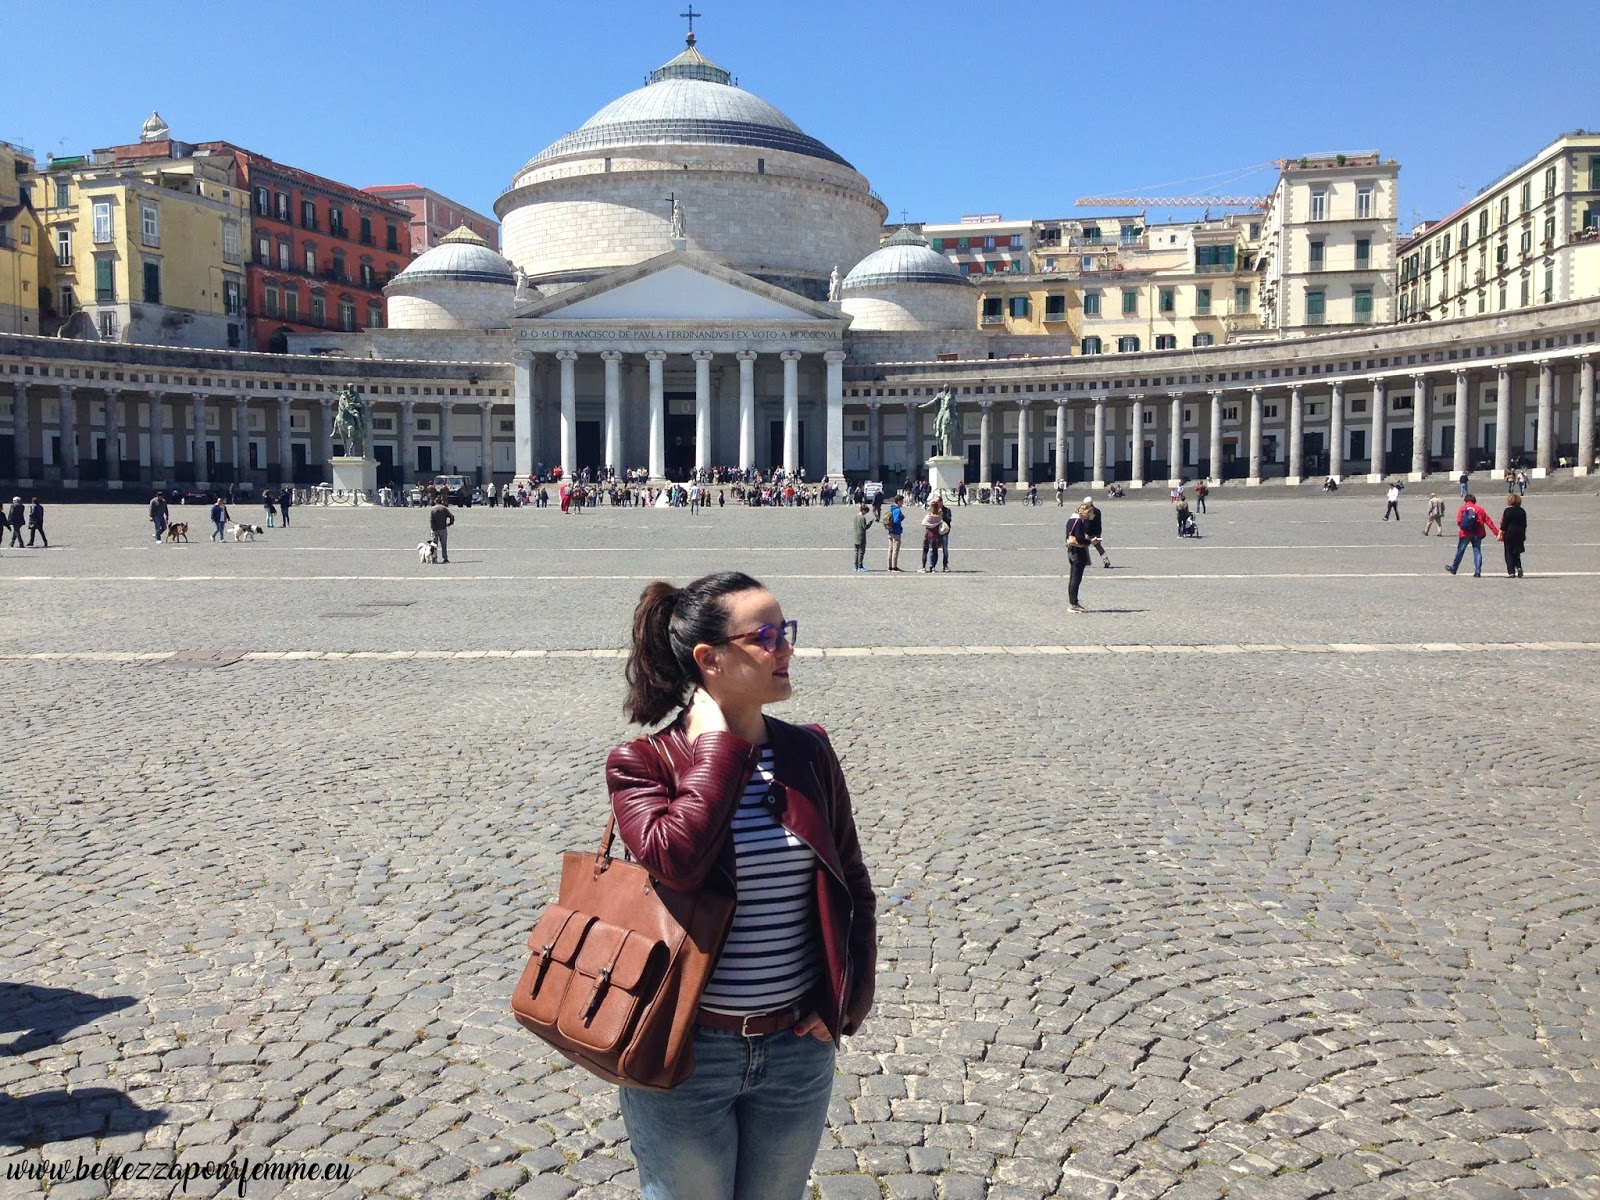 Marzia Amaranto travel blogger - Napoli - Piazza del Plebiscito